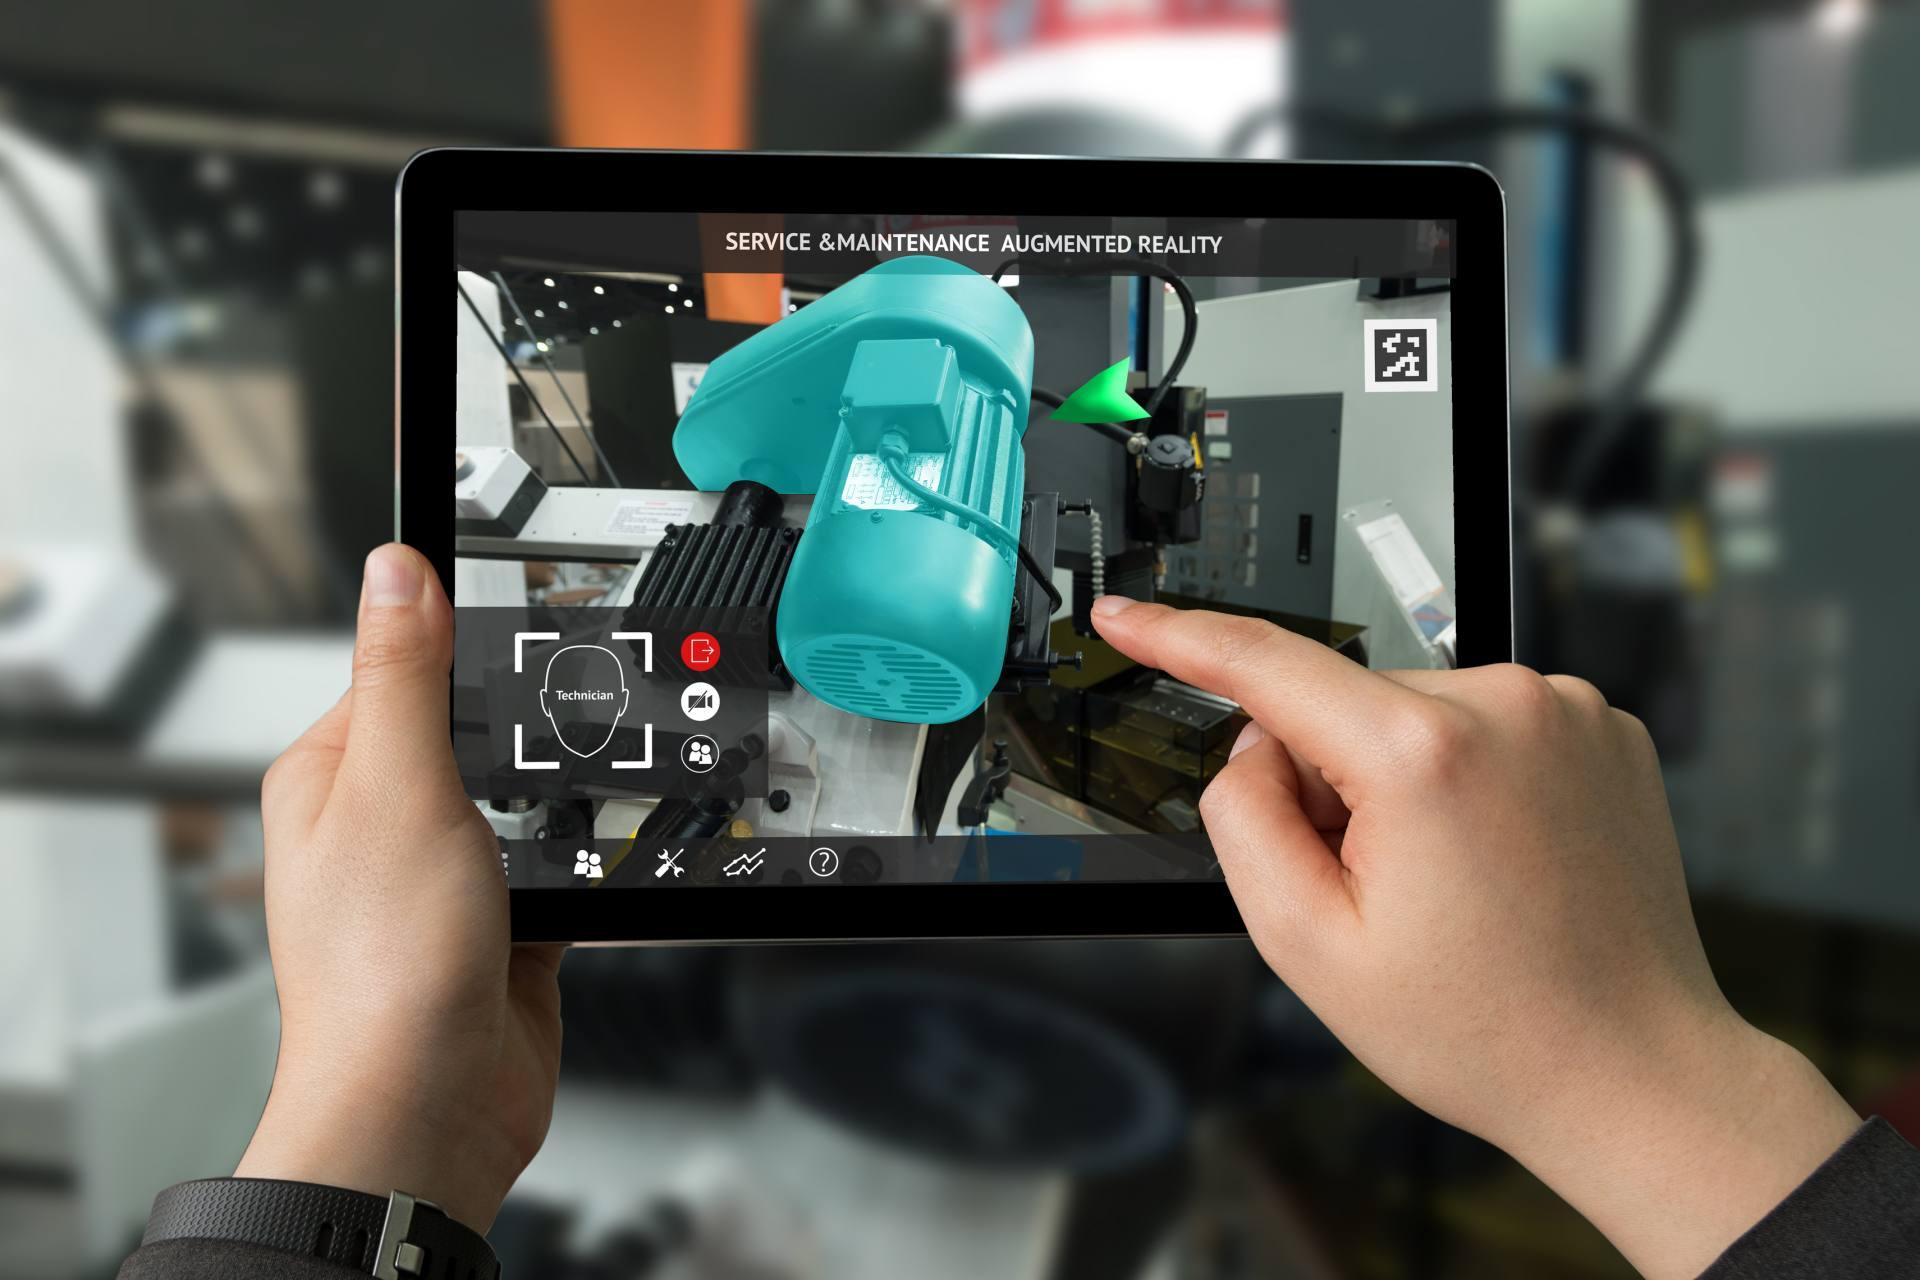 La 3D dans l'industrie : bien plus qu'un gadget